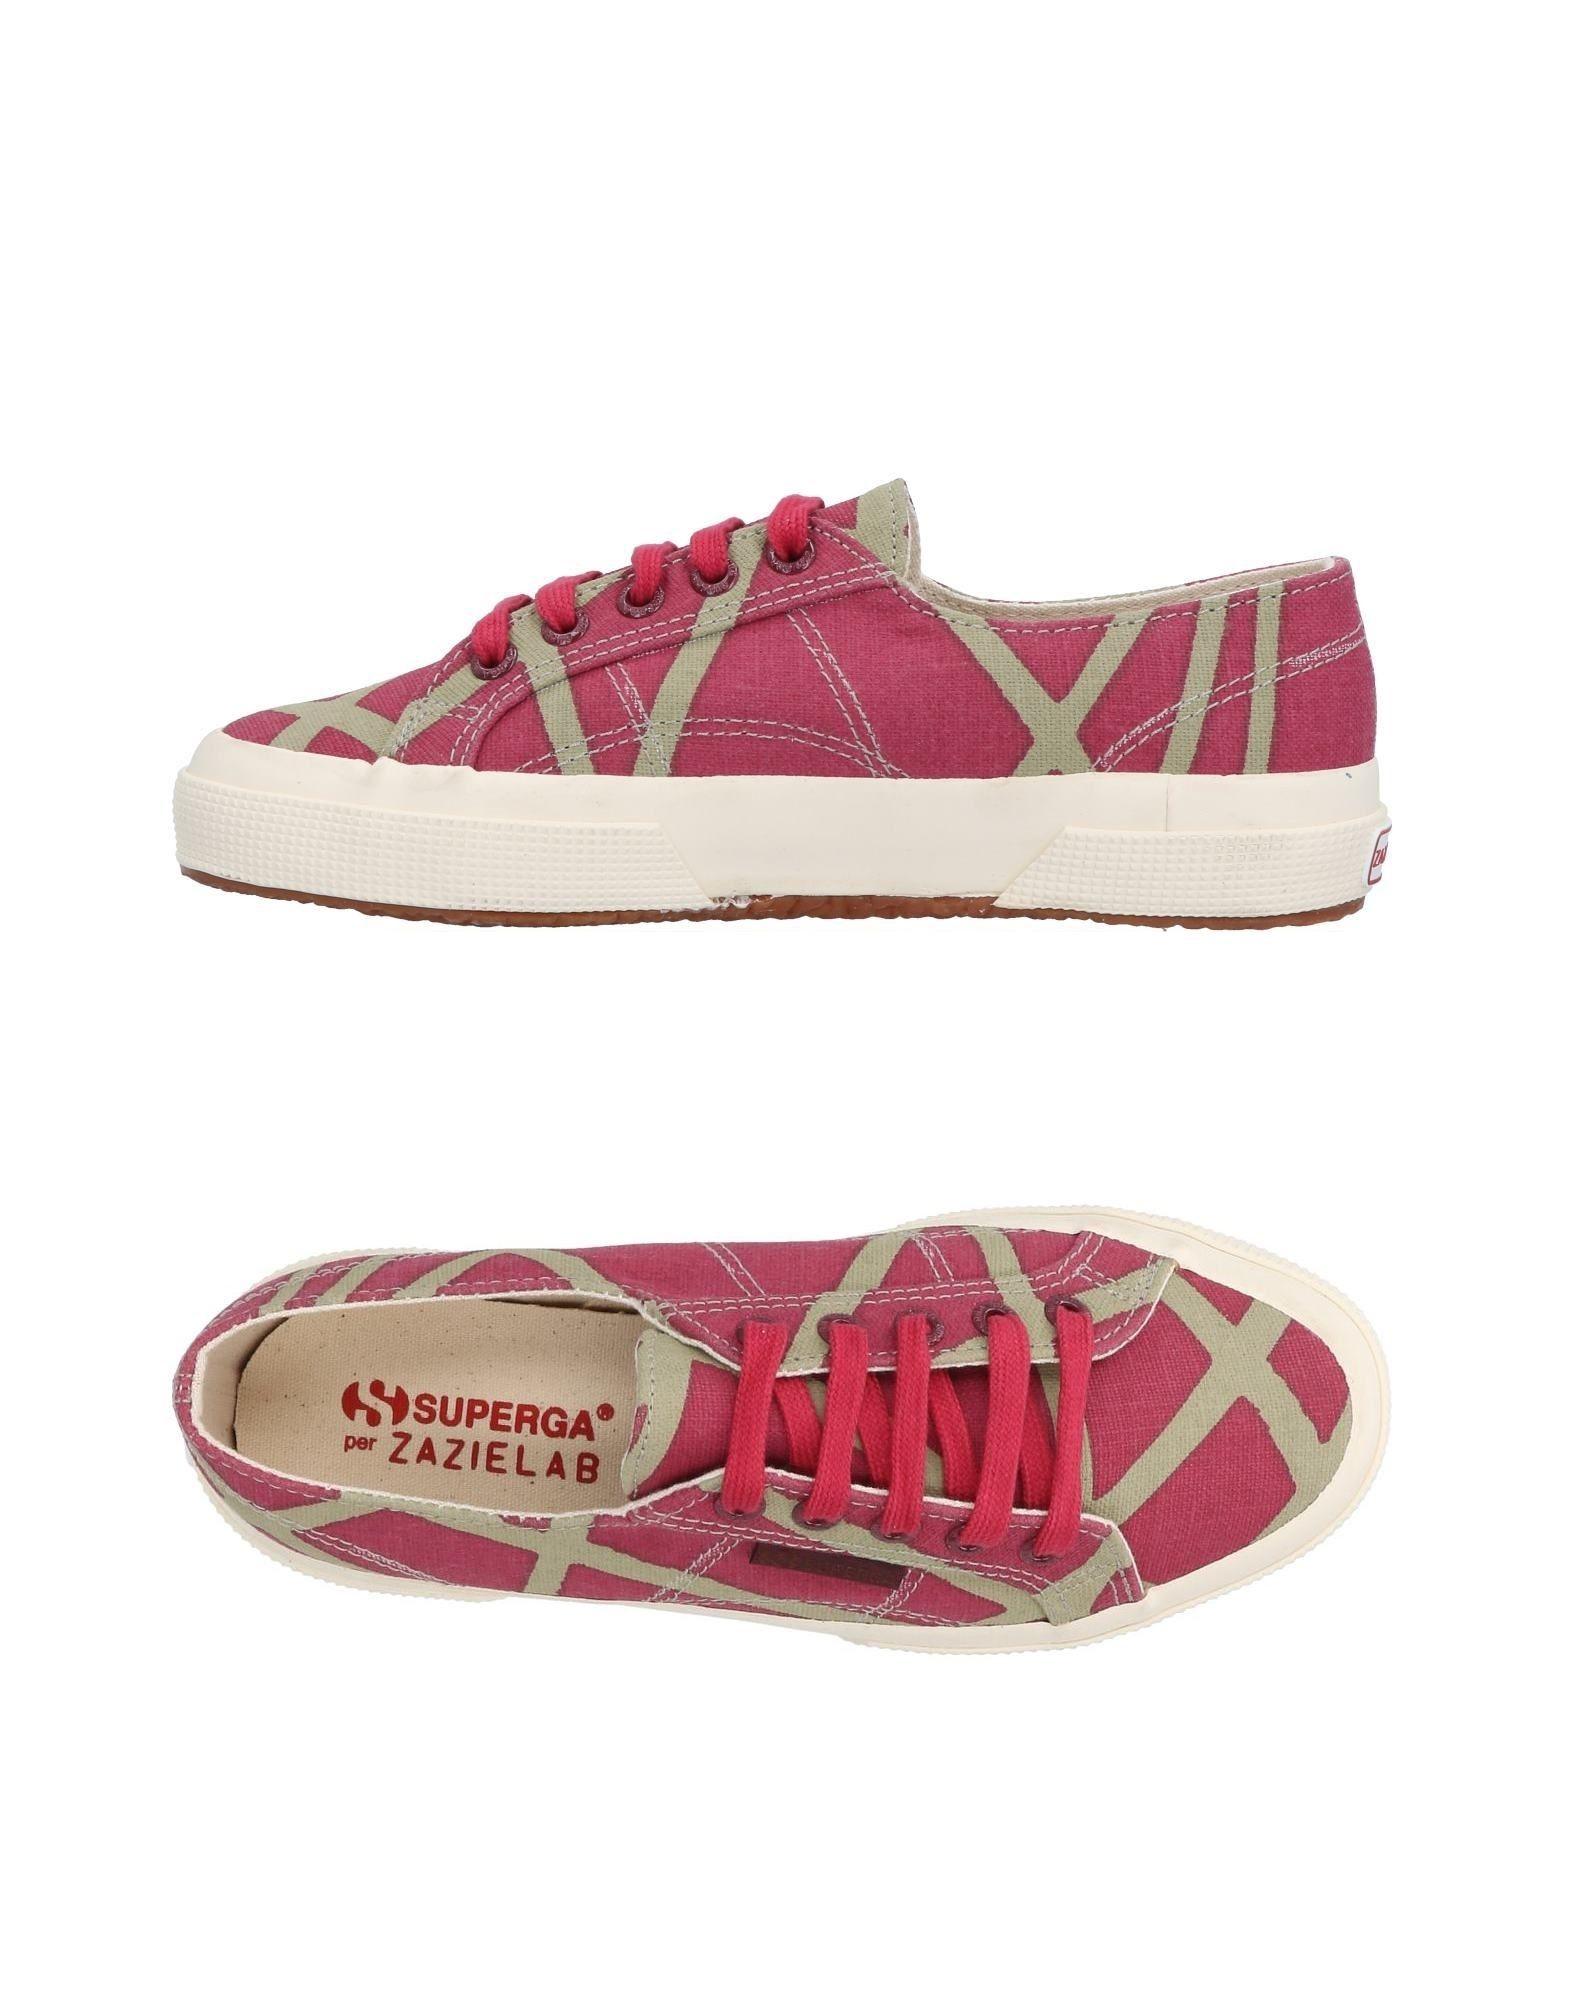 Superga® Sneakers Damen beliebte  11489834FN Gute Qualität beliebte Damen Schuhe 952a5d